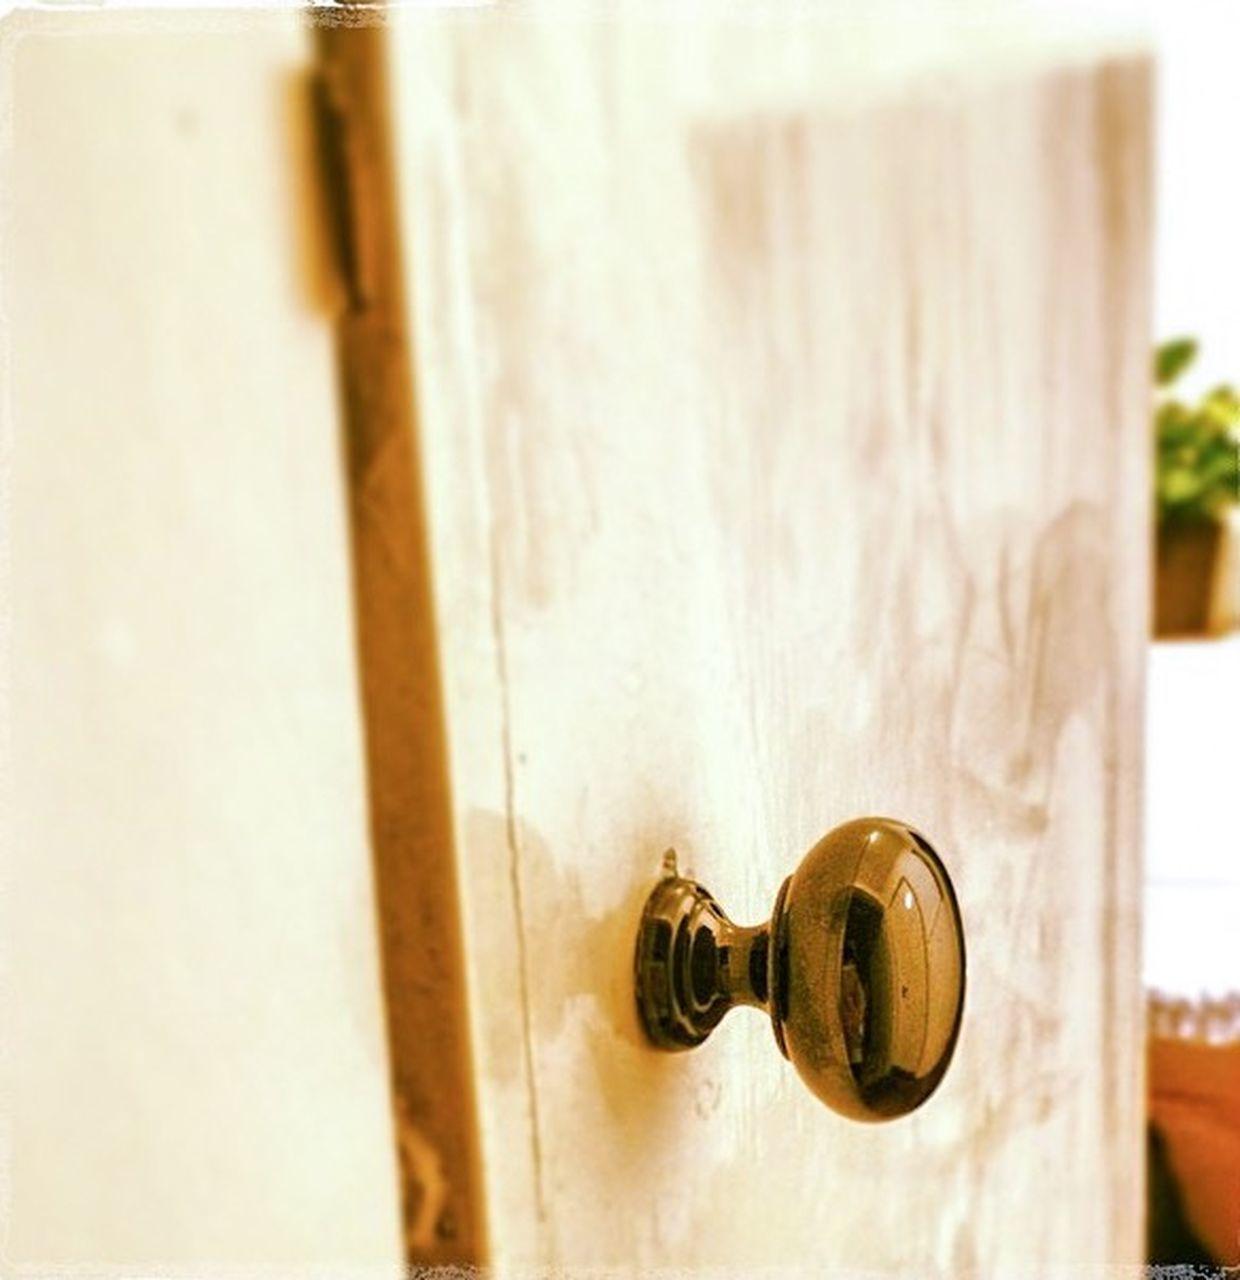 door, lock, close-up, no people, day, indoors